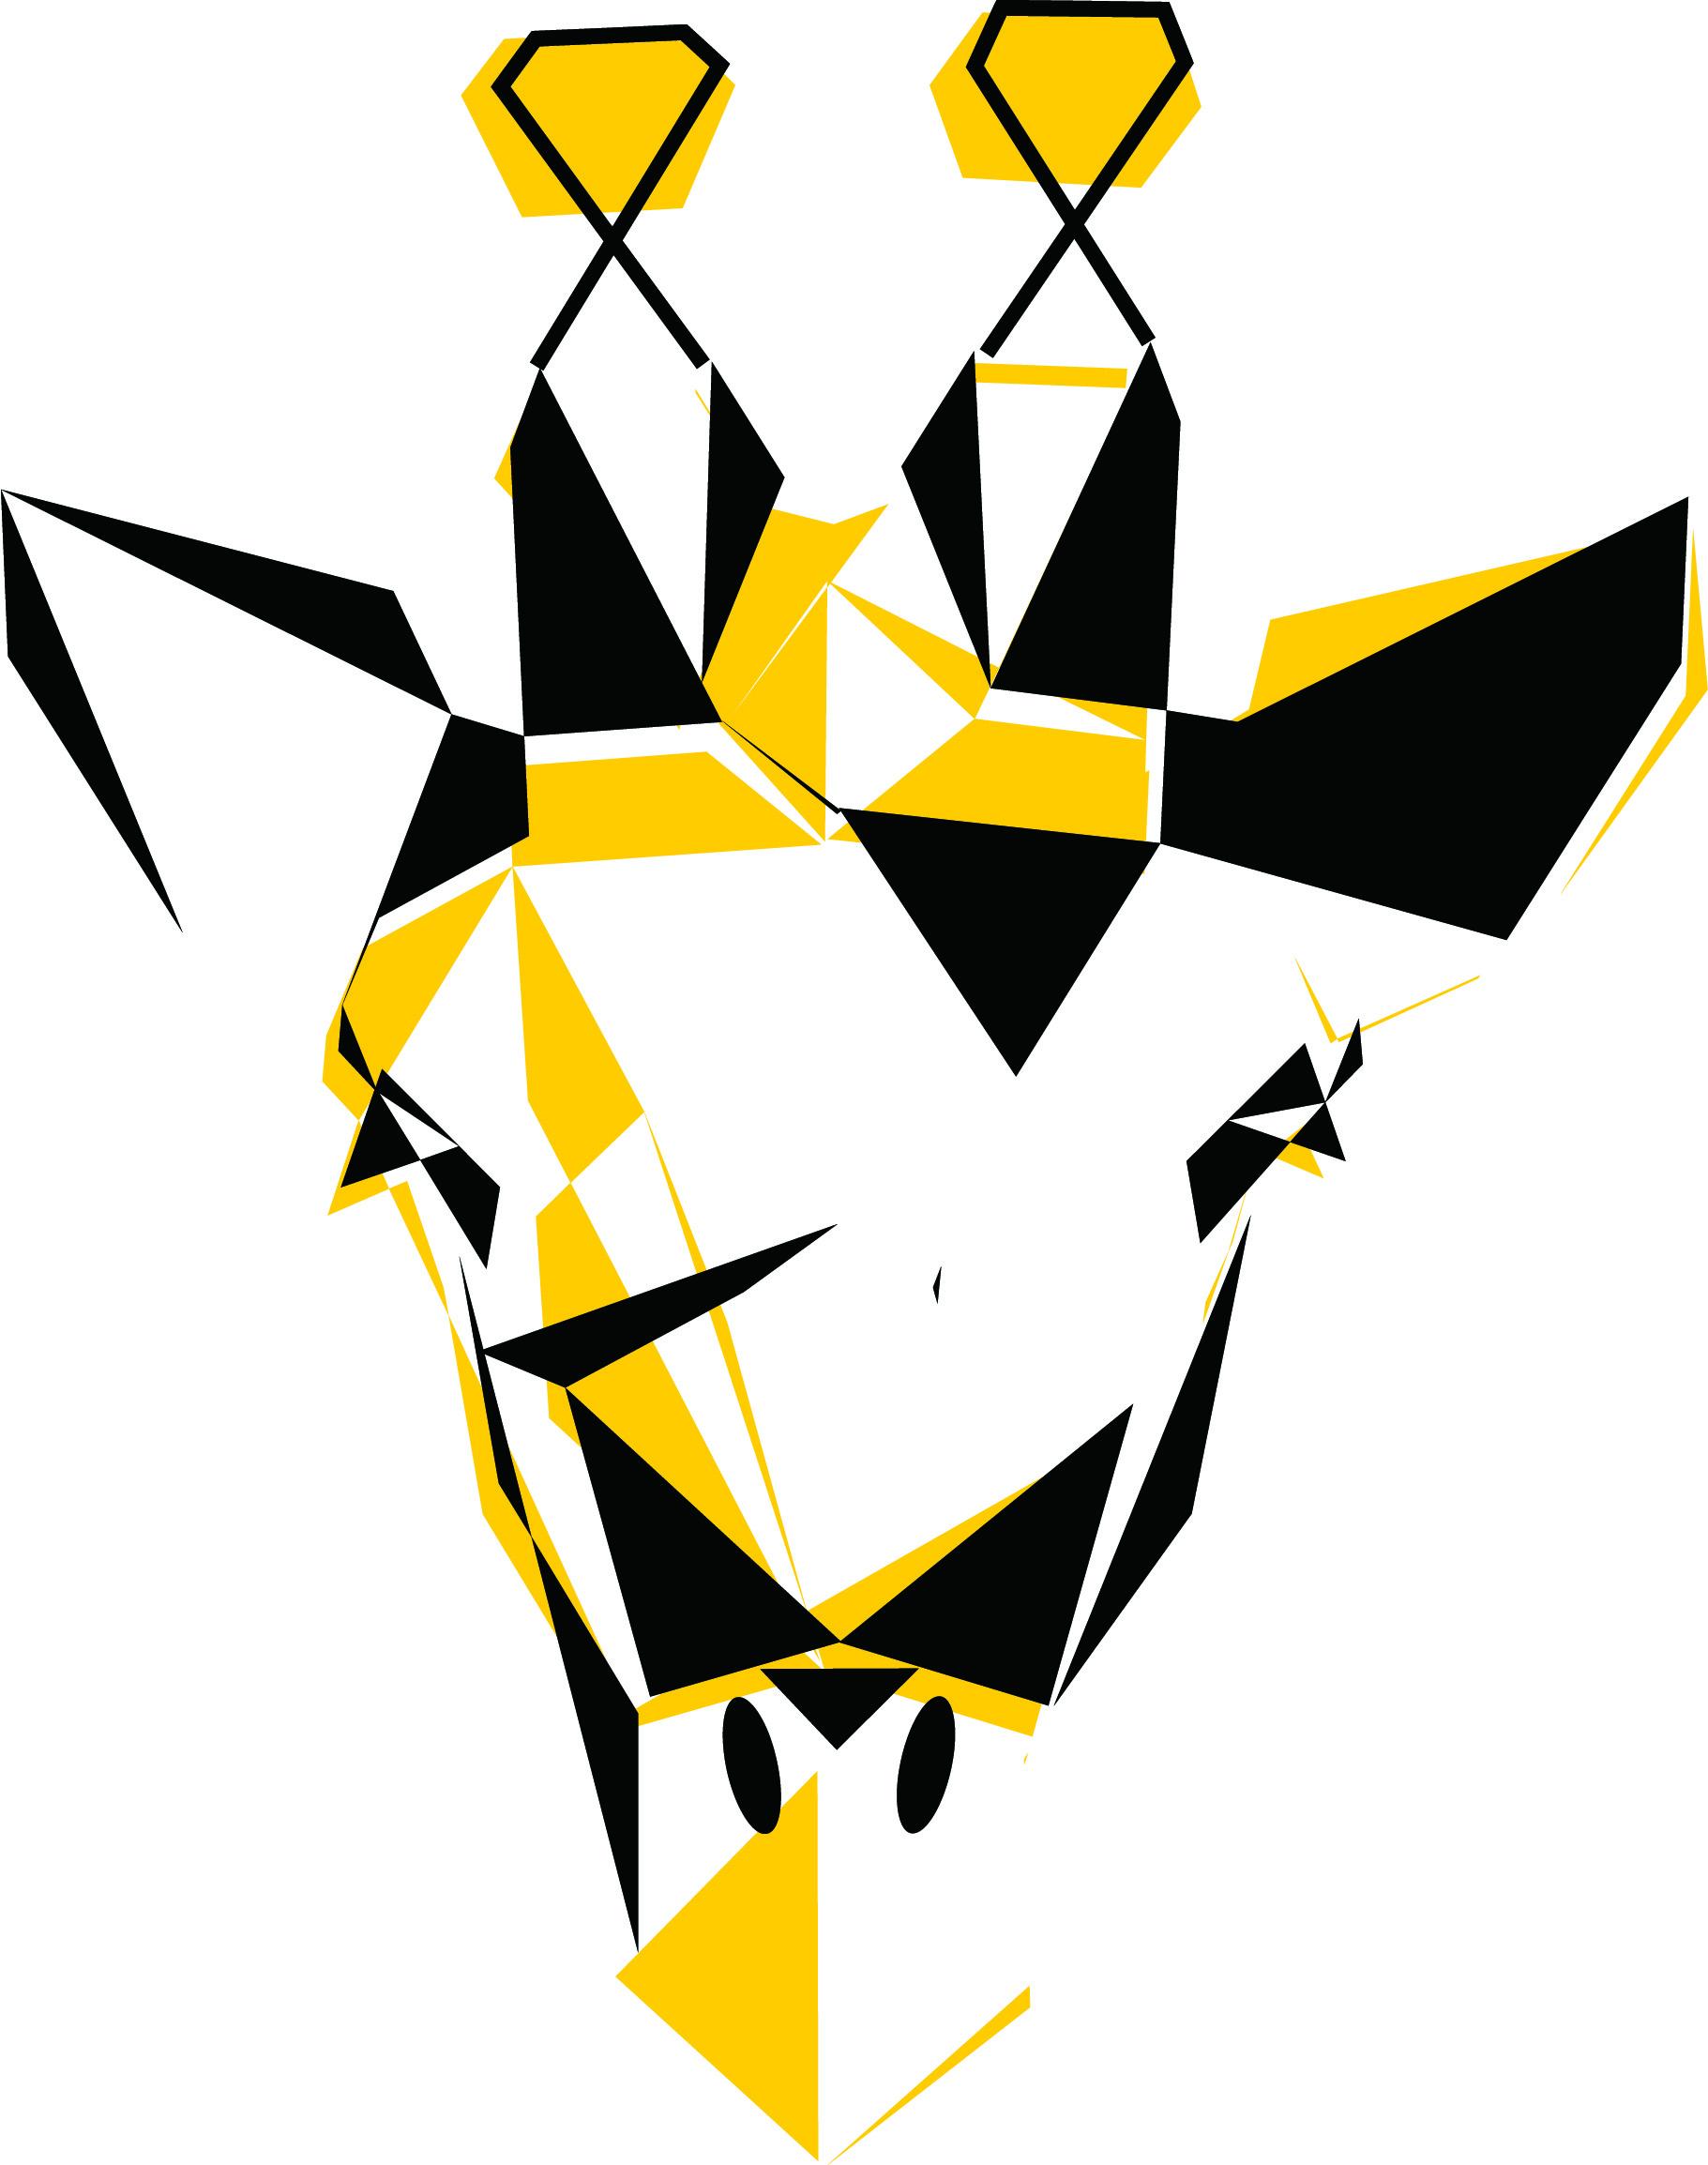 zwycięski-zyrafa1a